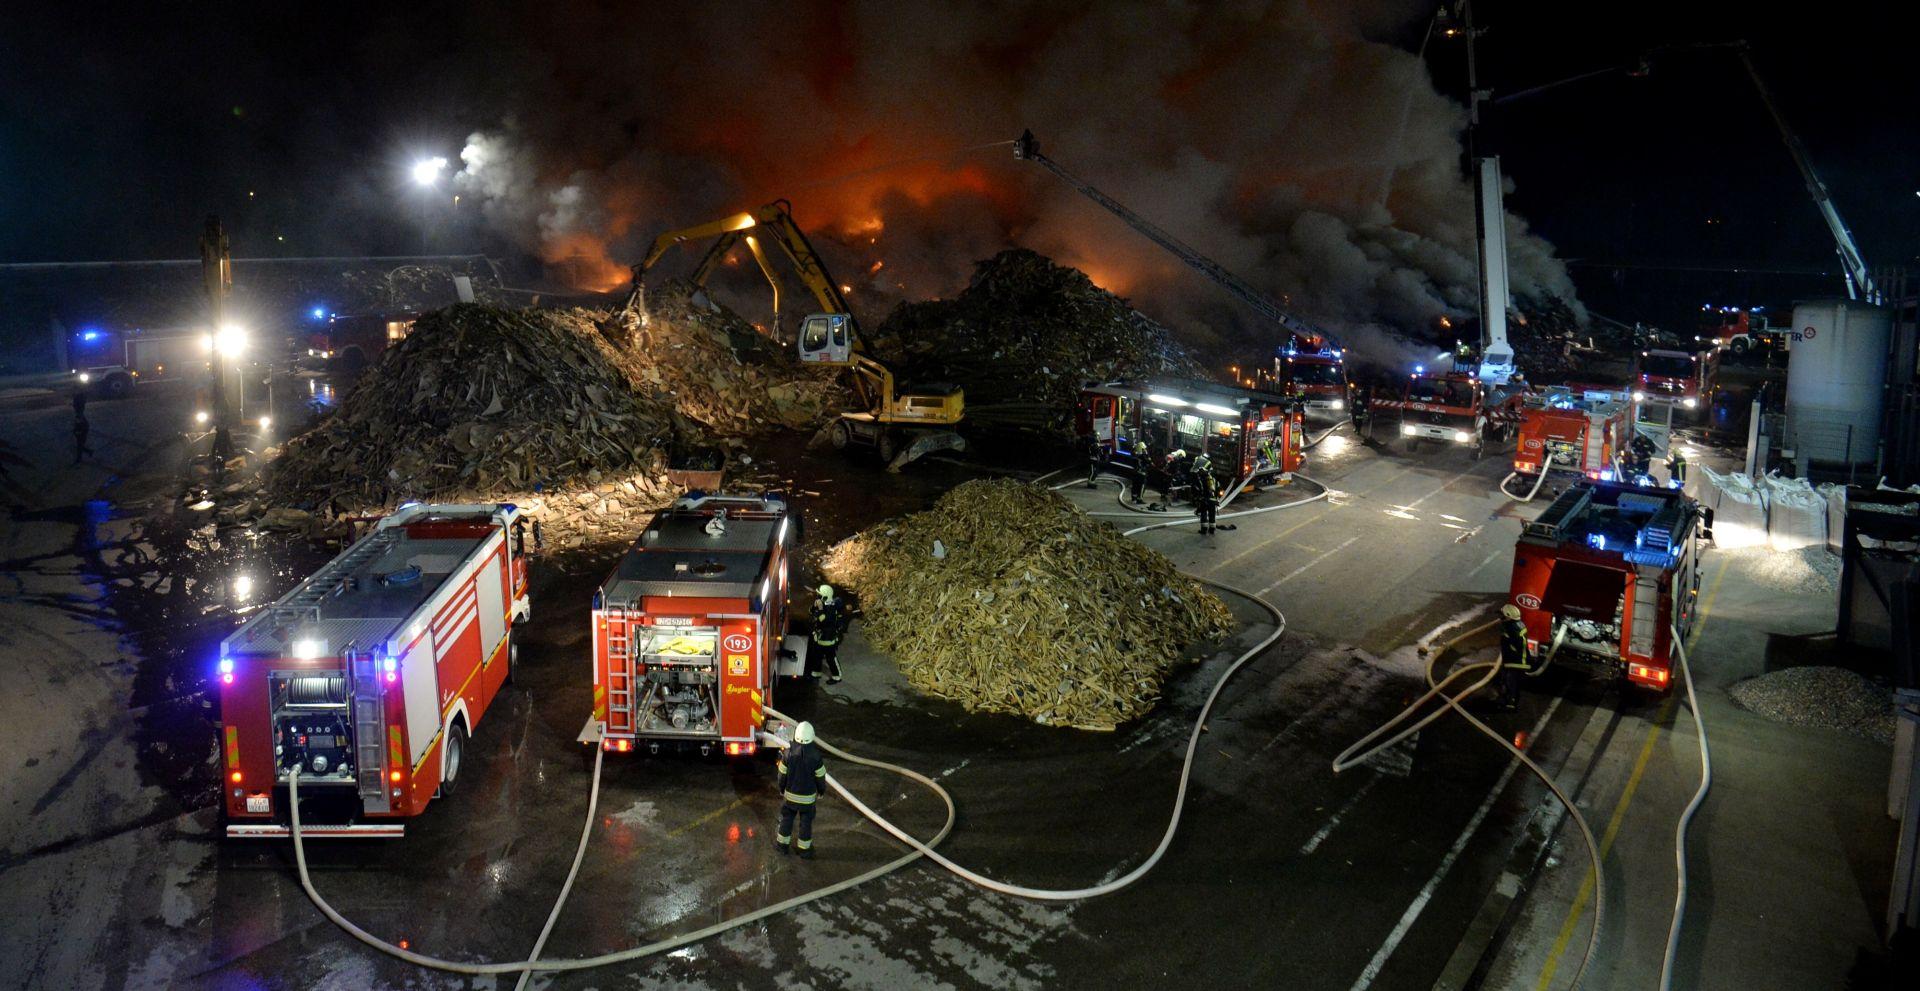 Požar u C.I.O.S-u pod kontrolom, možda je podmetnut